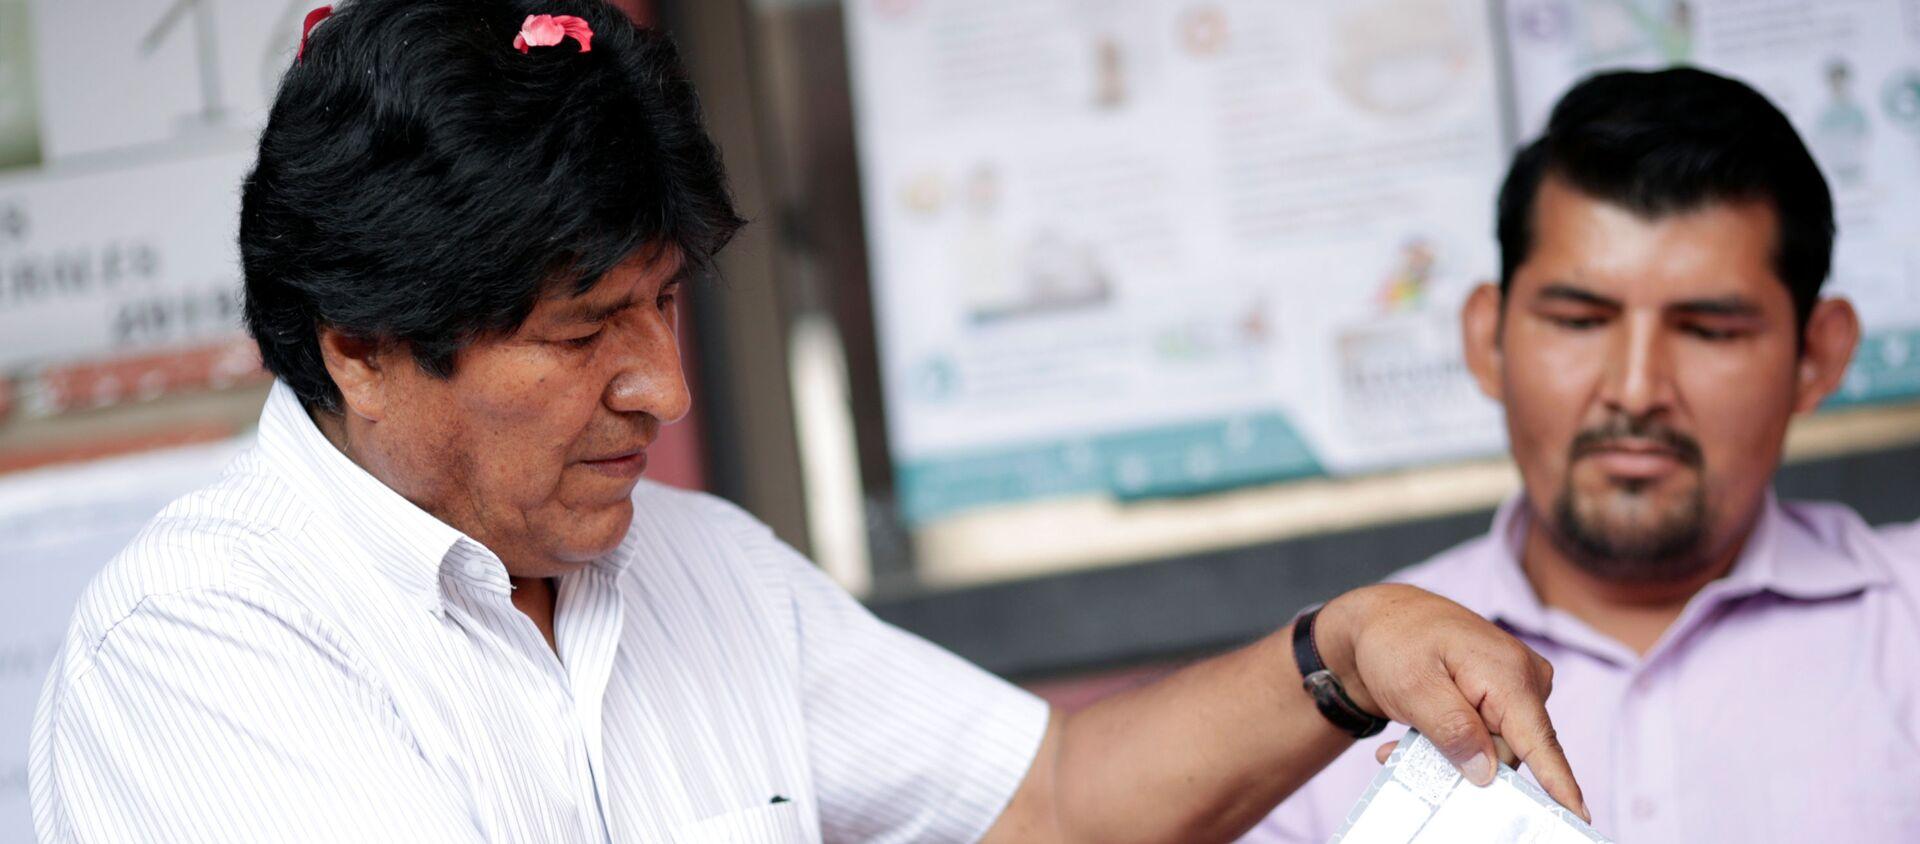 Evo Morales, presidente de Bolivia emite su voto en las elecciones generales - Sputnik Mundo, 1920, 14.11.2019